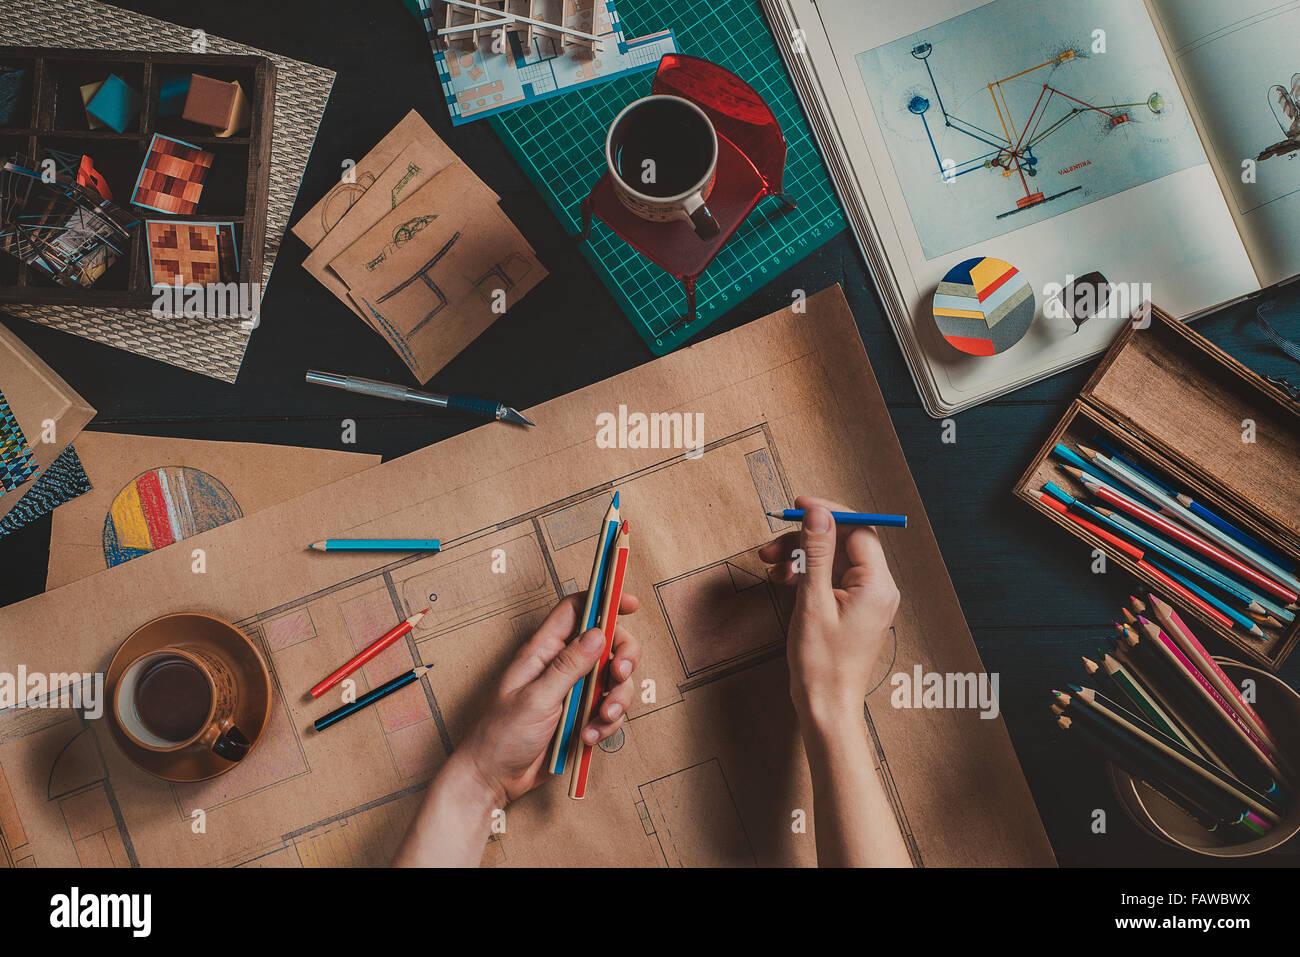 Diseñador de trabajo con herramientas creativas y planos de la casa Imagen De Stock